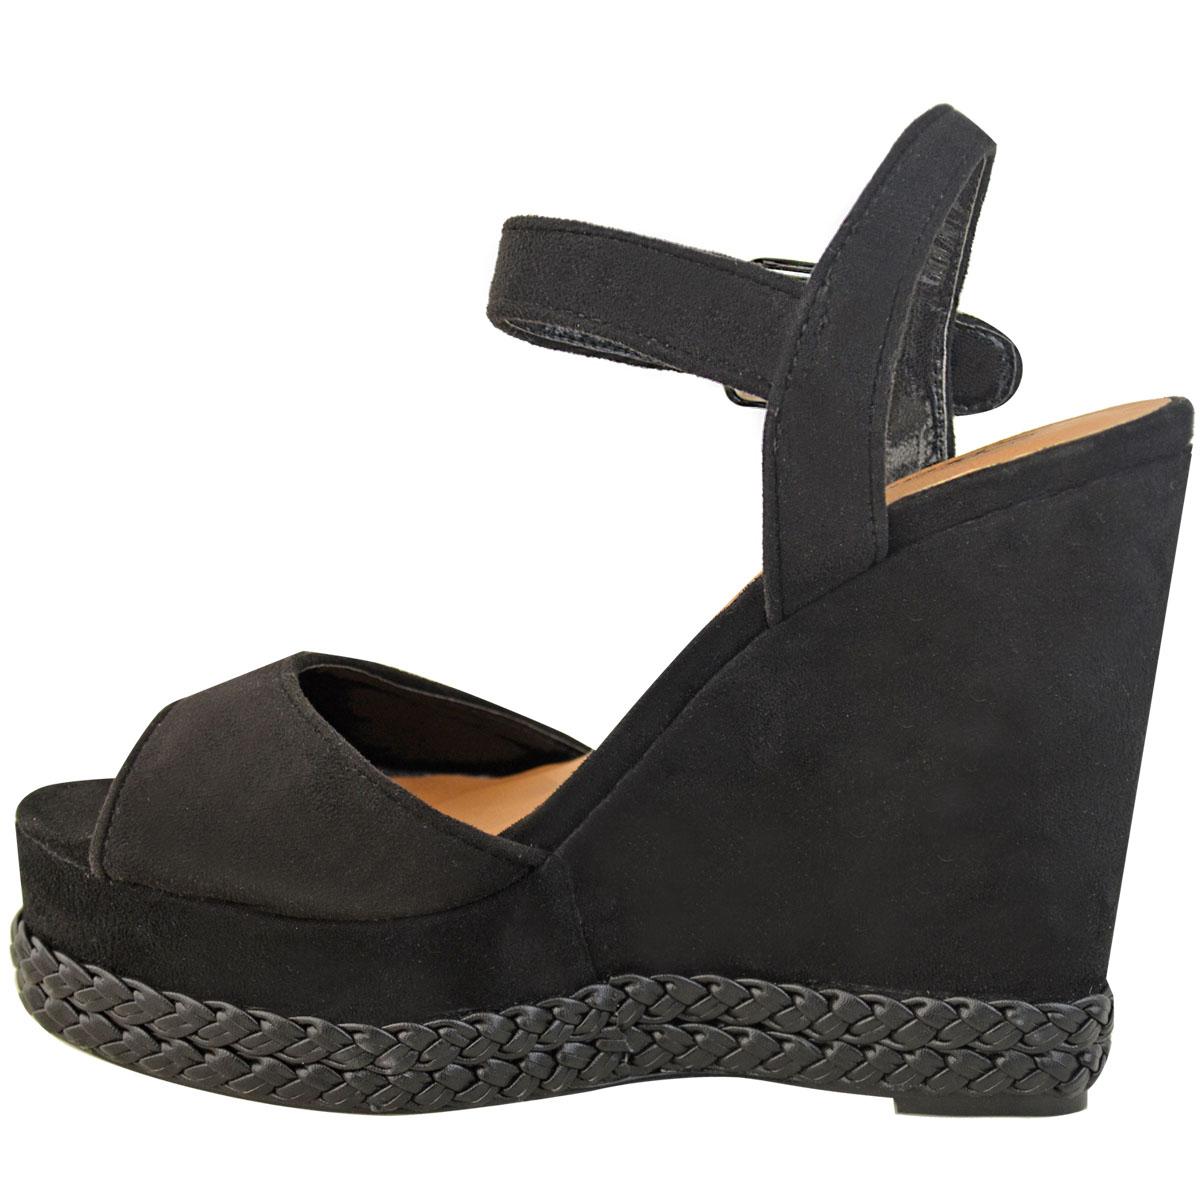 Bottines Femme Cloutées Talon Compensé Sandale Rock Espadrille Plateforme Été Fête Chaussures